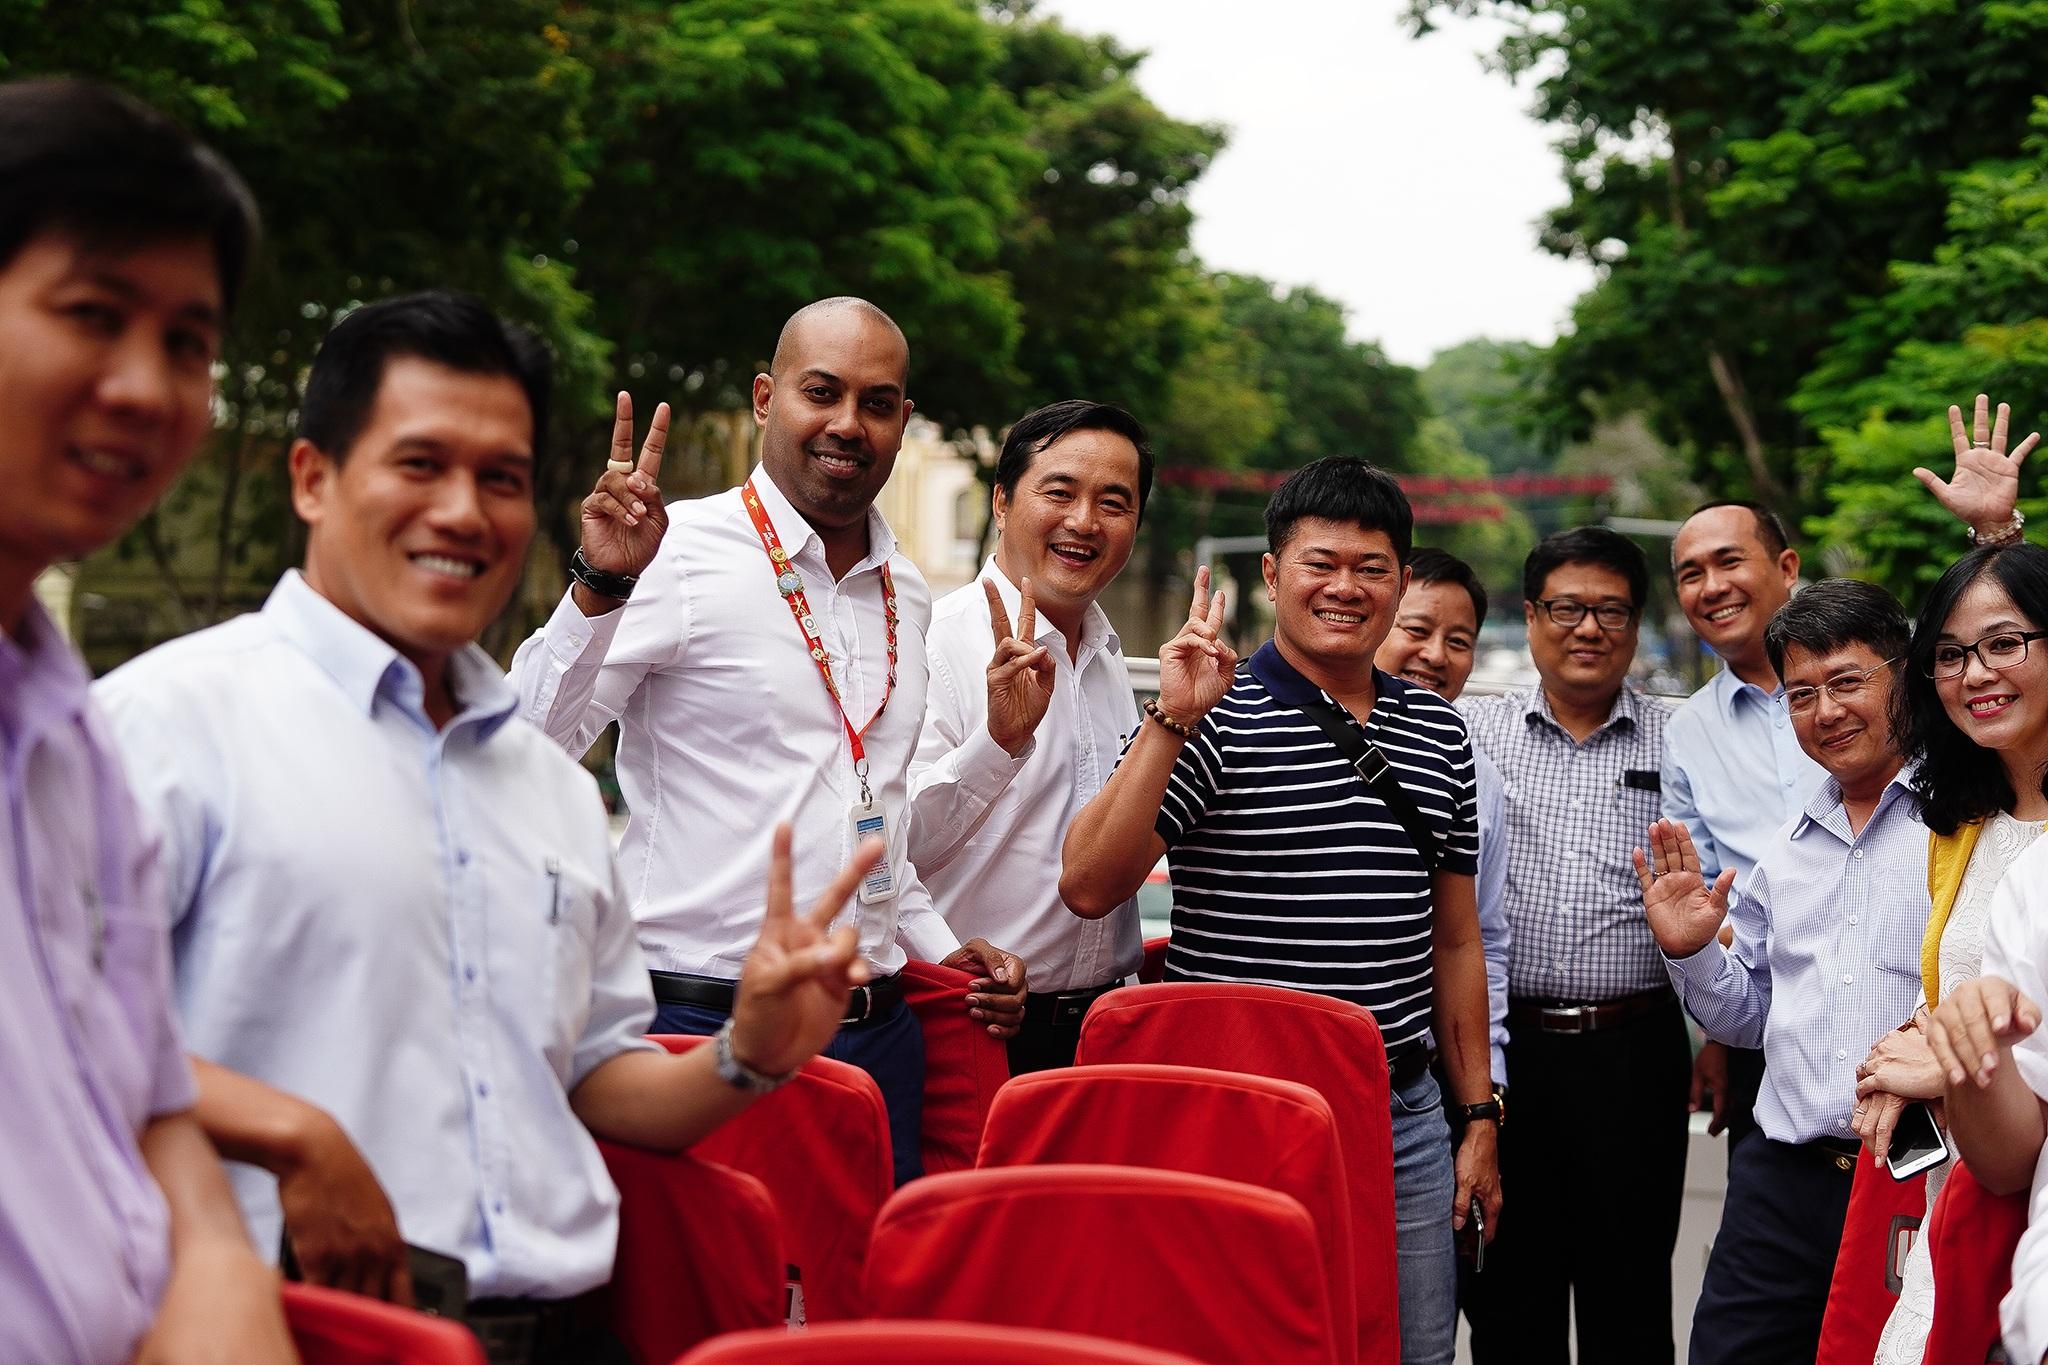 TP.HCM tăng tốc kích cầu du lịch nội địa với gần 300.000 vé ưu đãi - 9